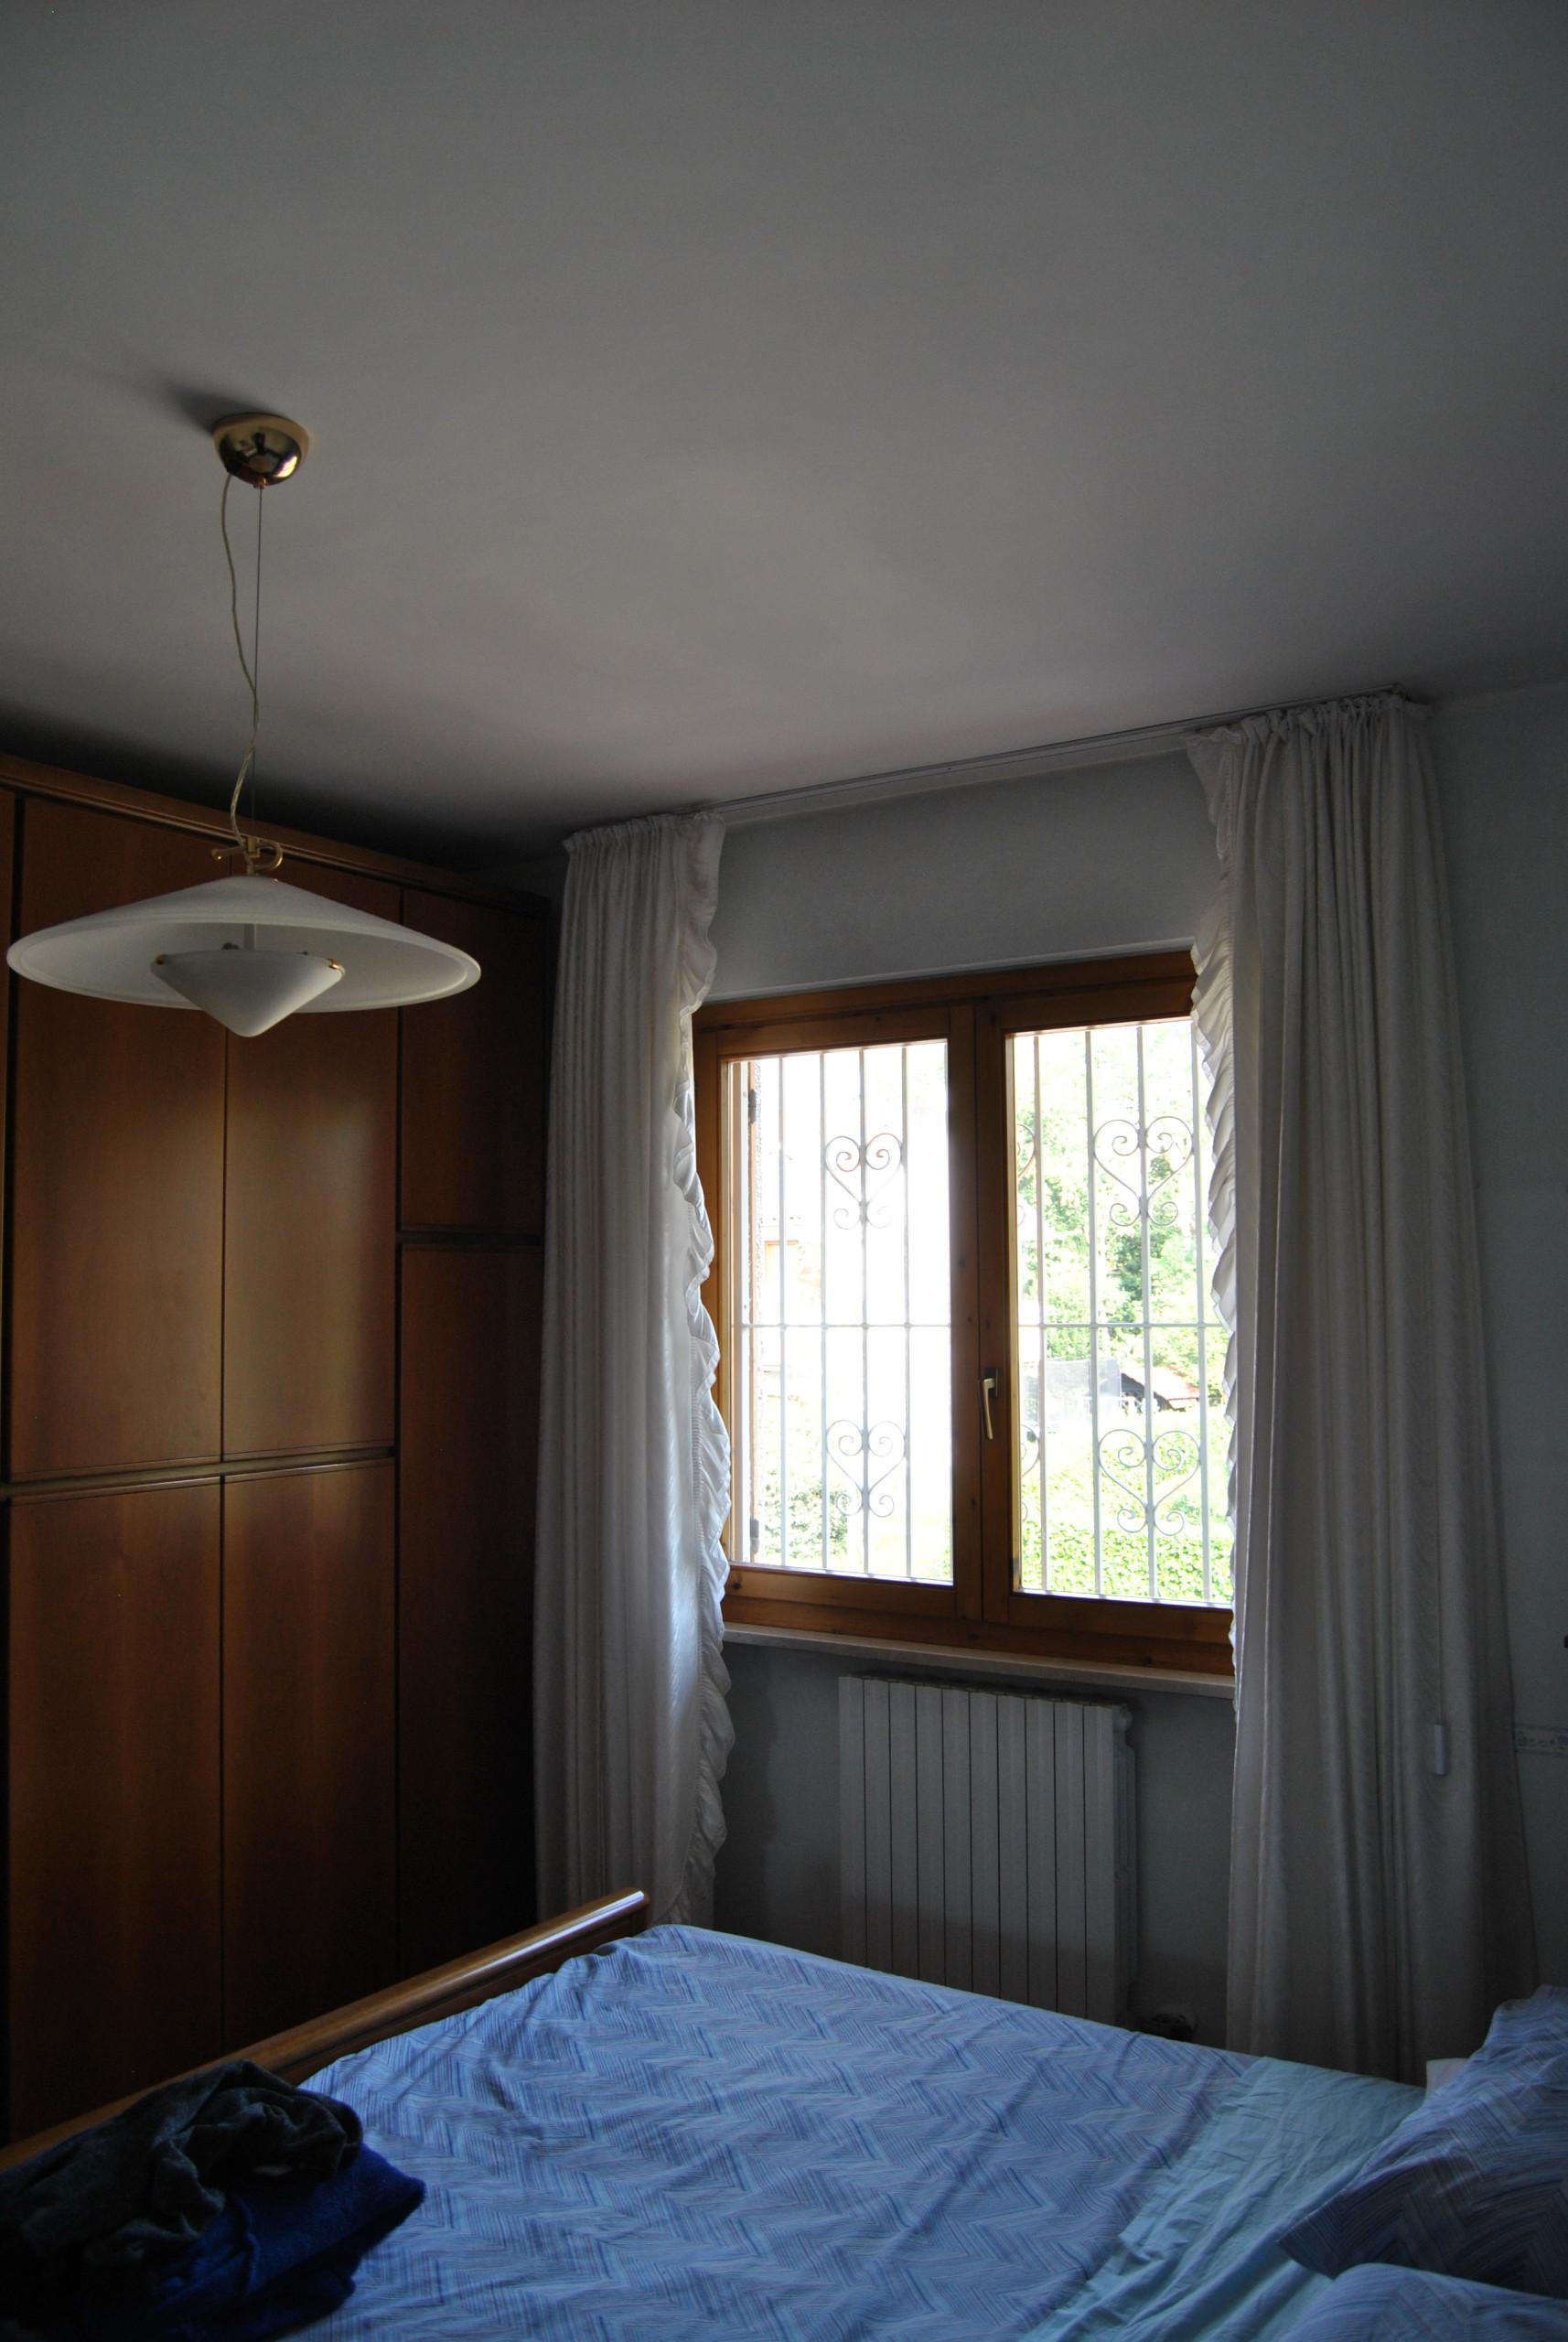 Camera da letto_Ante lavori.